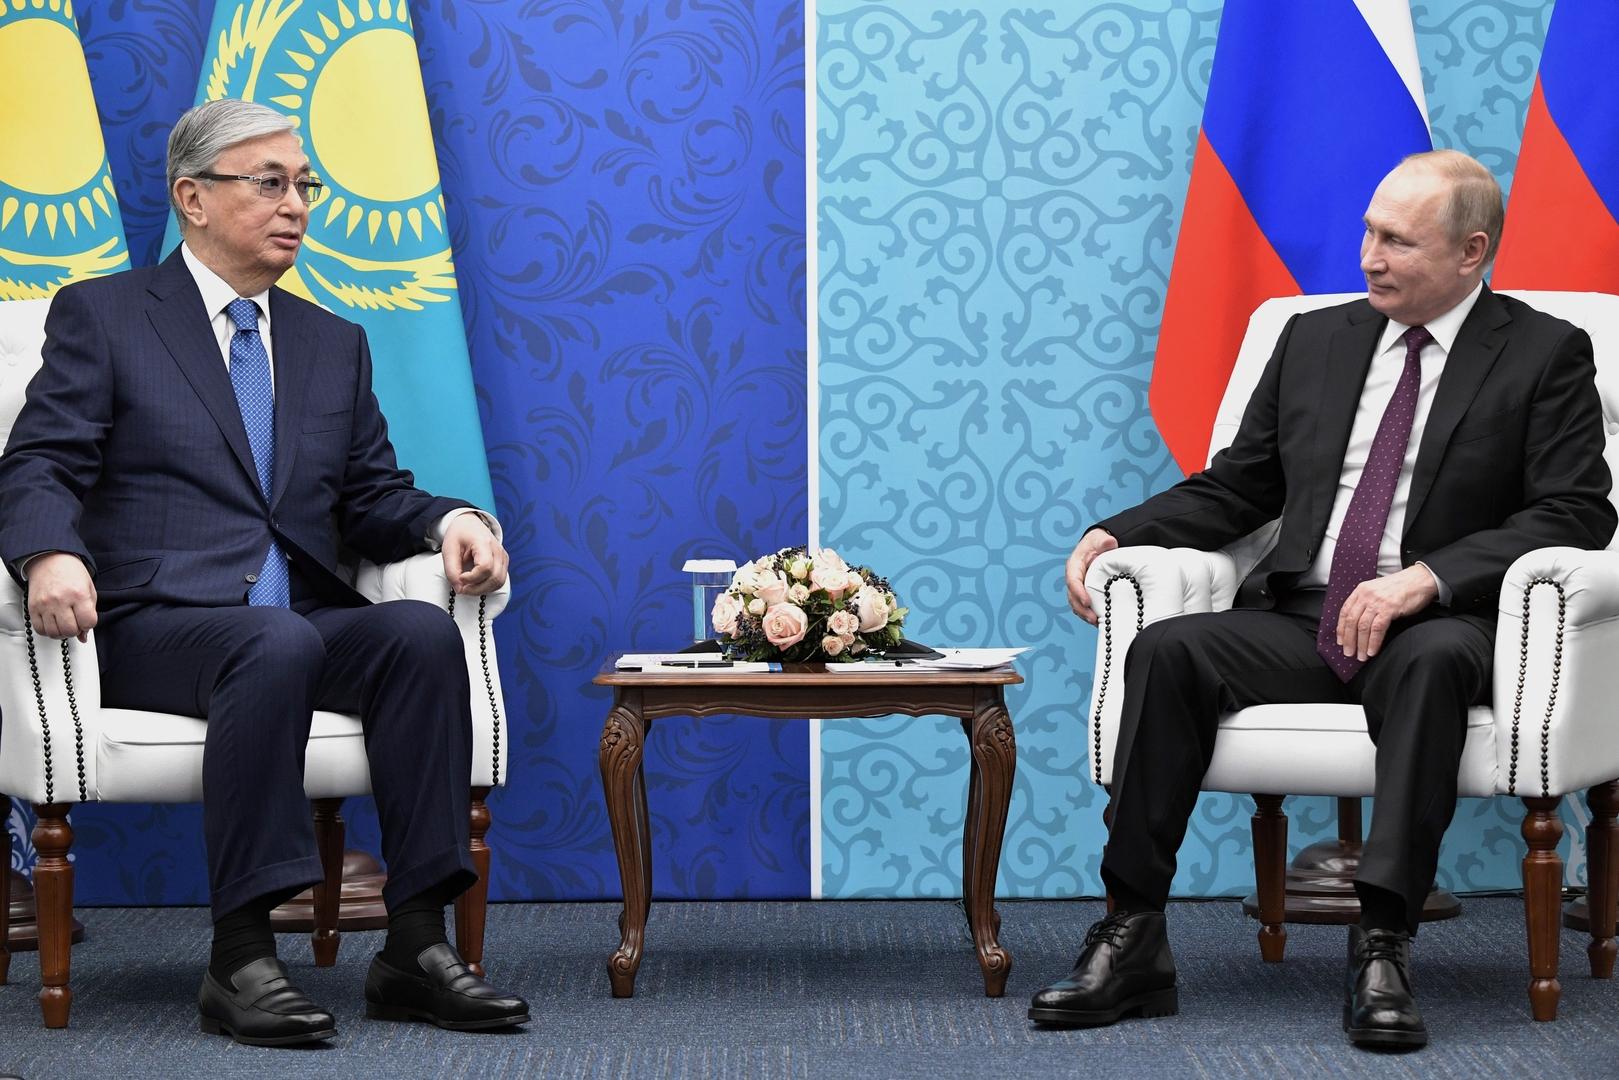 الرئيس الروسي، فلاديمير بوتين، ونظيره الكازاخي، قاسم-جومارت توكاييف - صورة أرشيفية